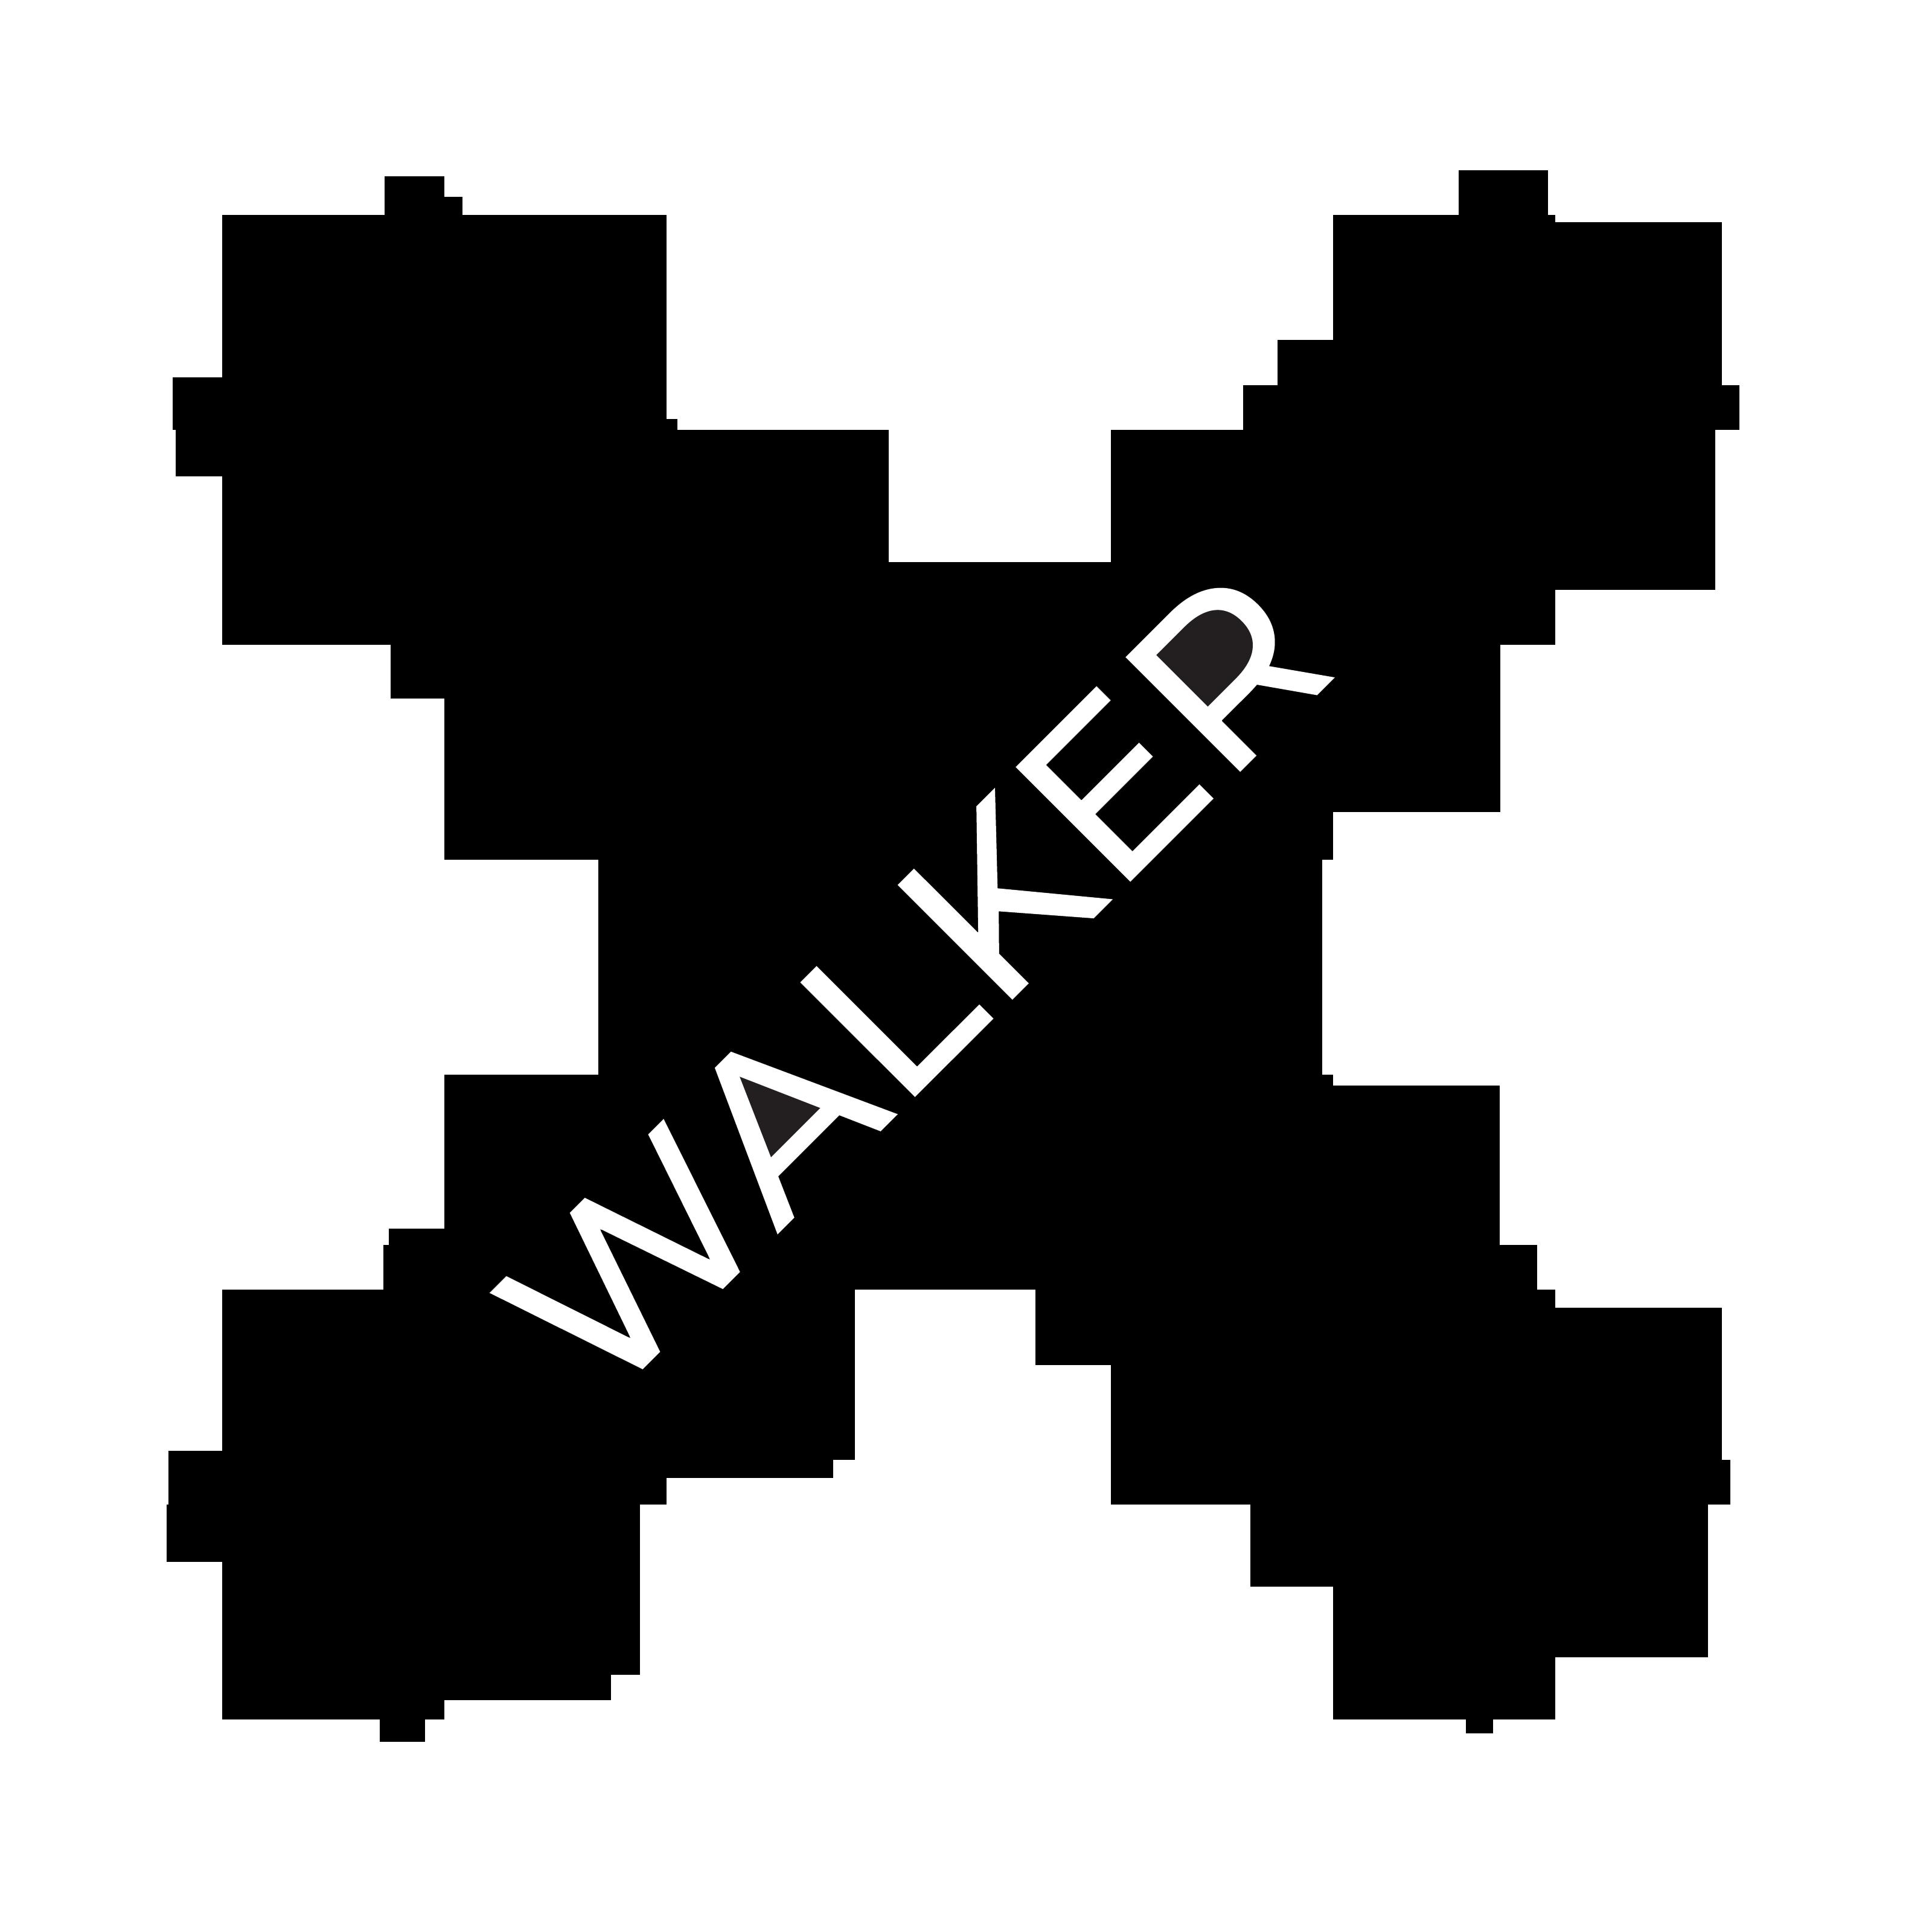 About Walker